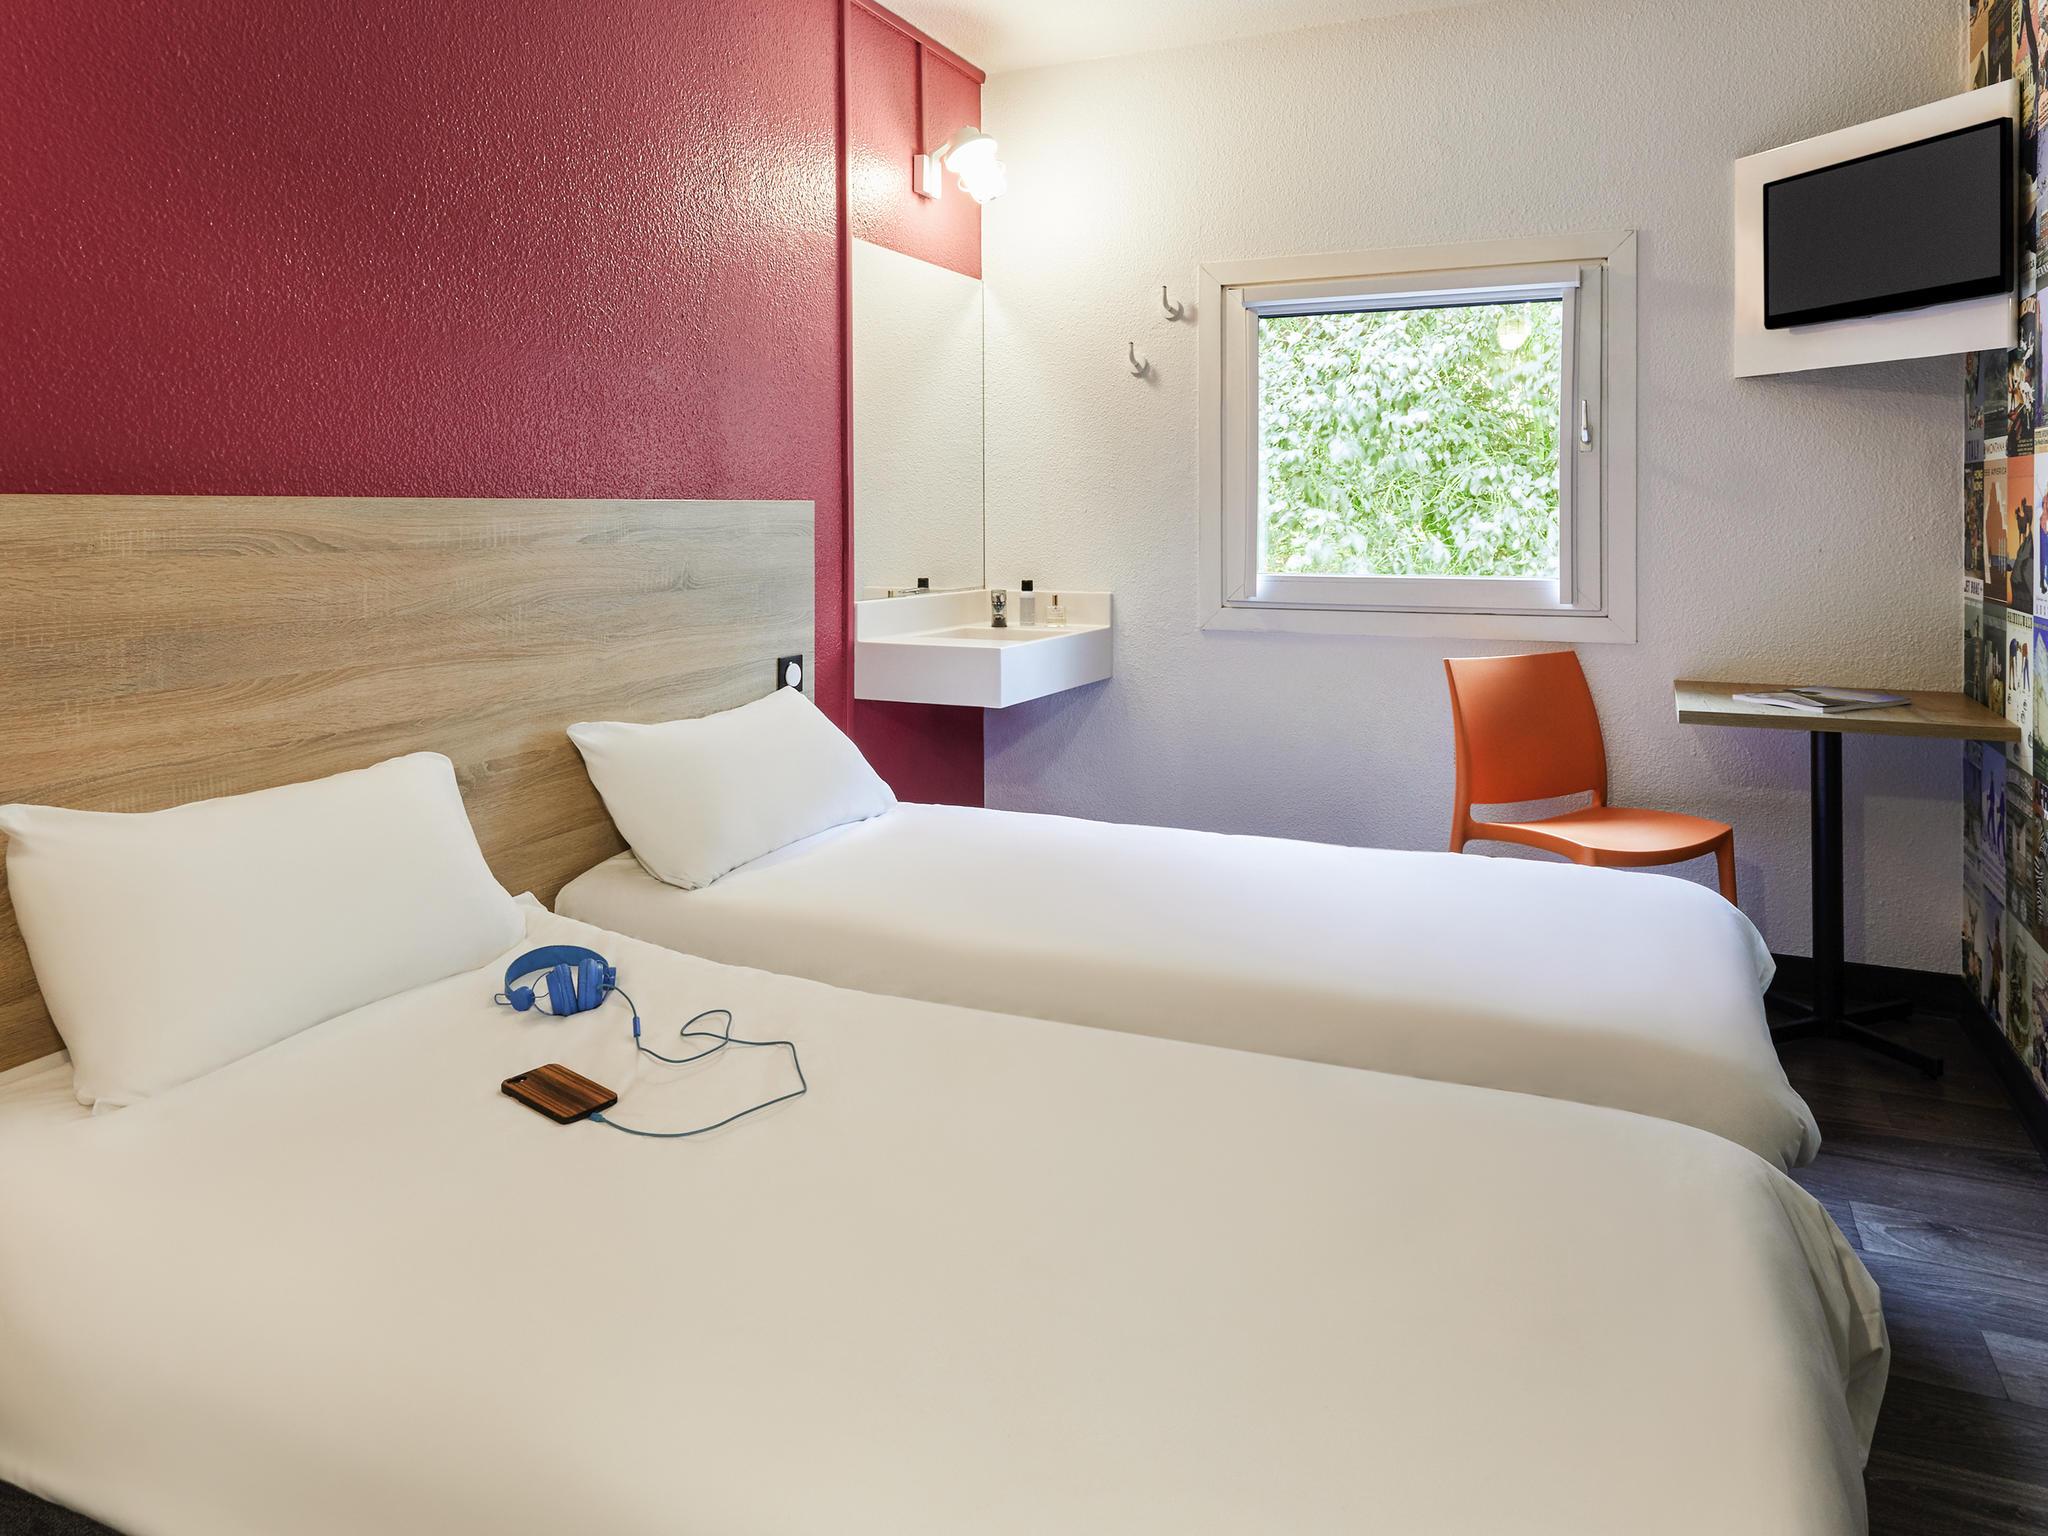 Hôtel - hotelF1 Chambéry Nord